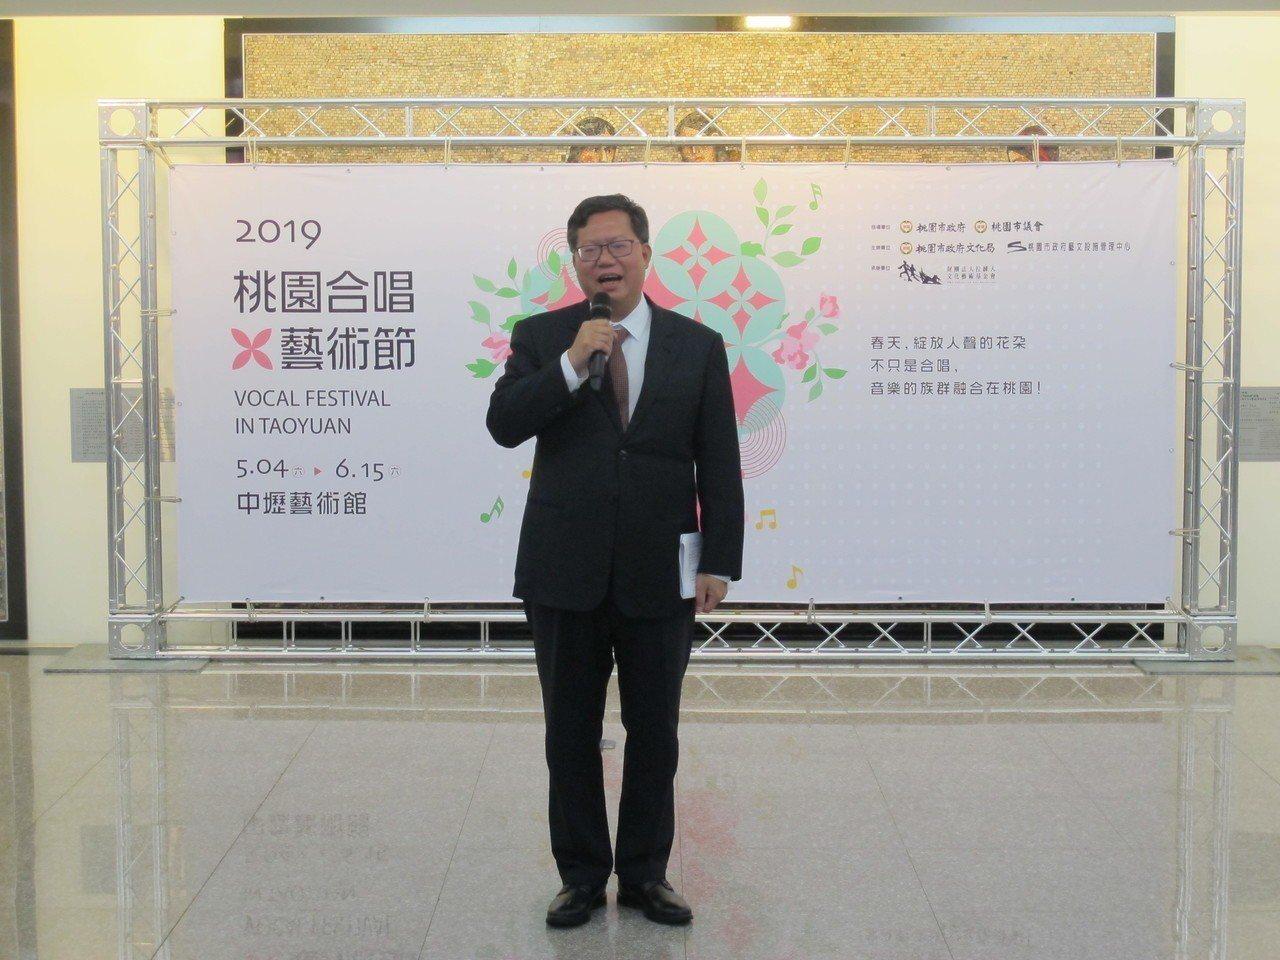 桃園市長鄭文燦也出席在中壢藝術館的宣傳活動。圖/桃園市文化局提供